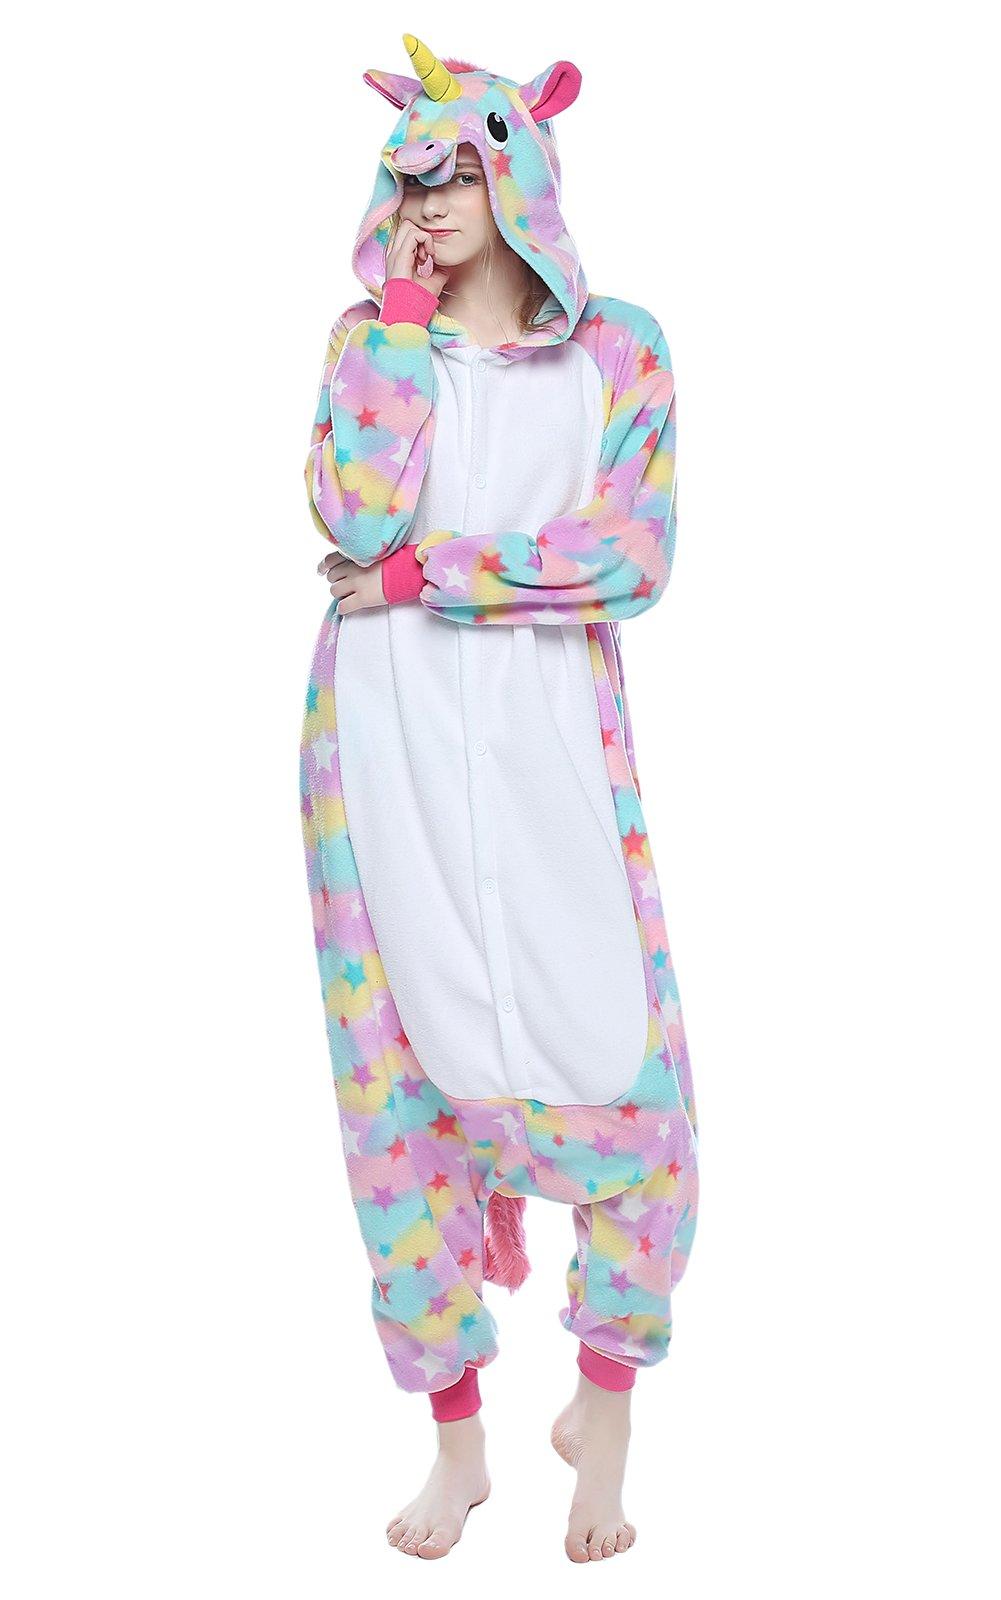 PECHASE Halloween Adult Pajamas Sleepwear Animal Cosplay Costume (S, Star Unicorn)